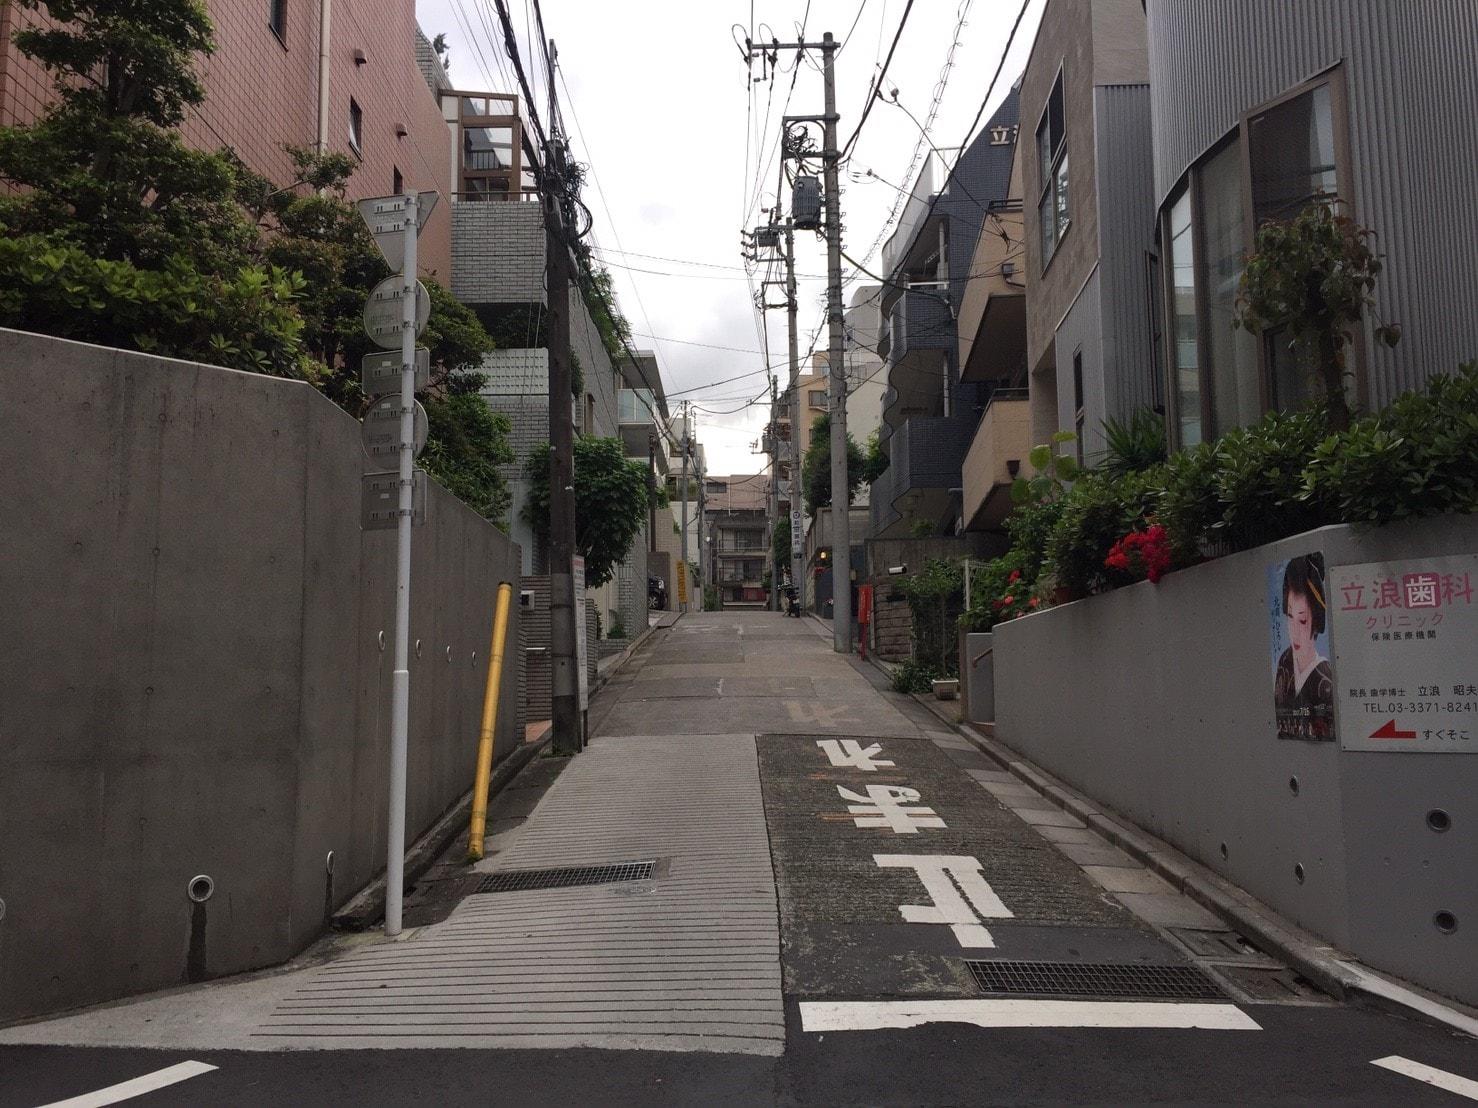 住宅街にあるゆるやかな坂